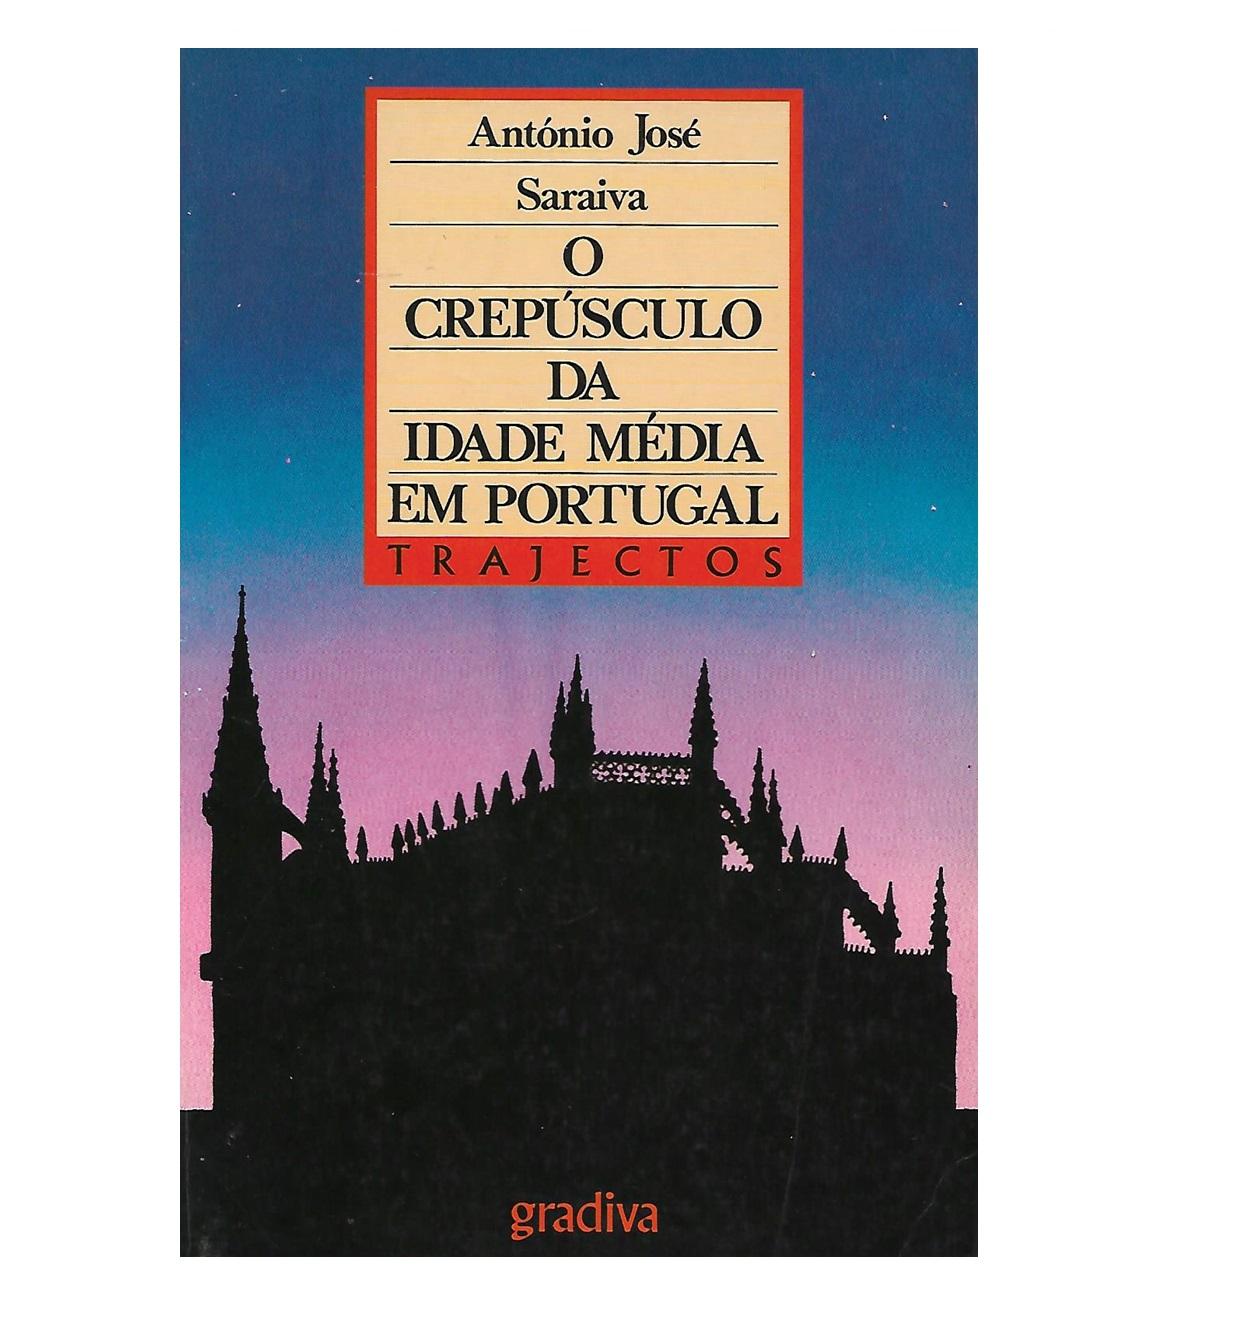 O Crepúsculo da Idade Média em Portugal